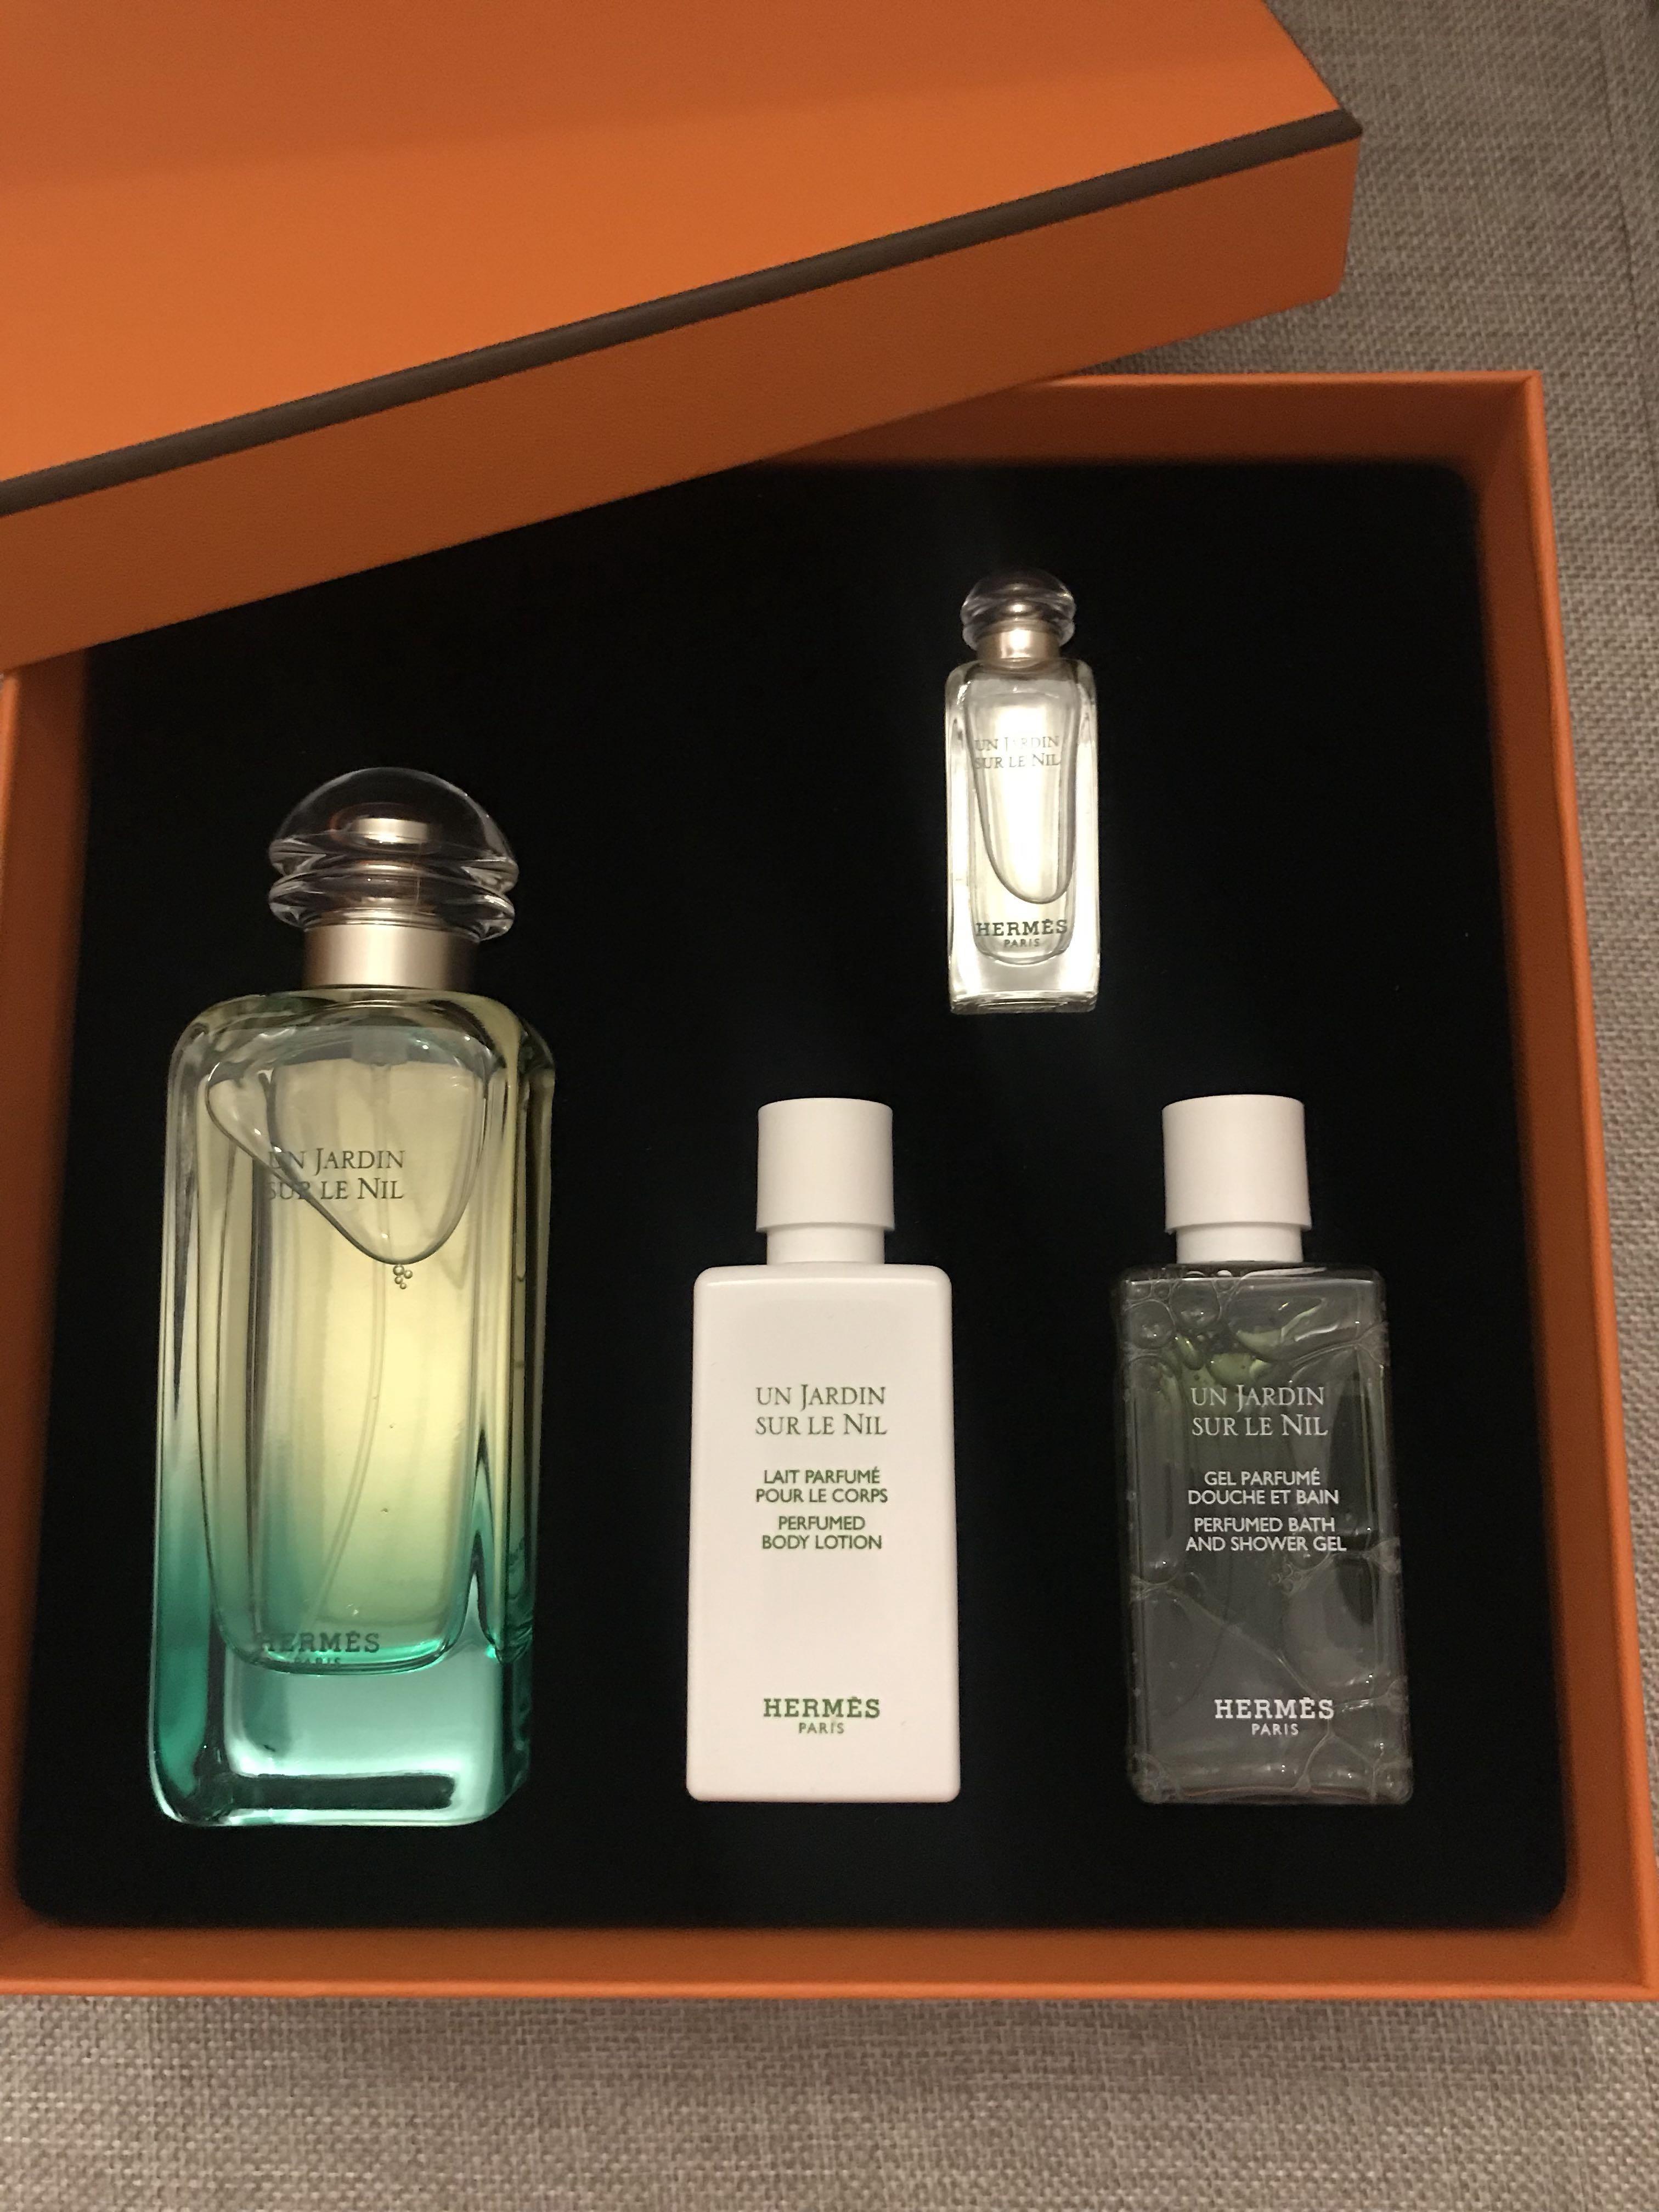 Un Jardin Sur Le Nil Hermès Perfume Gift Set Health Beauty Hand